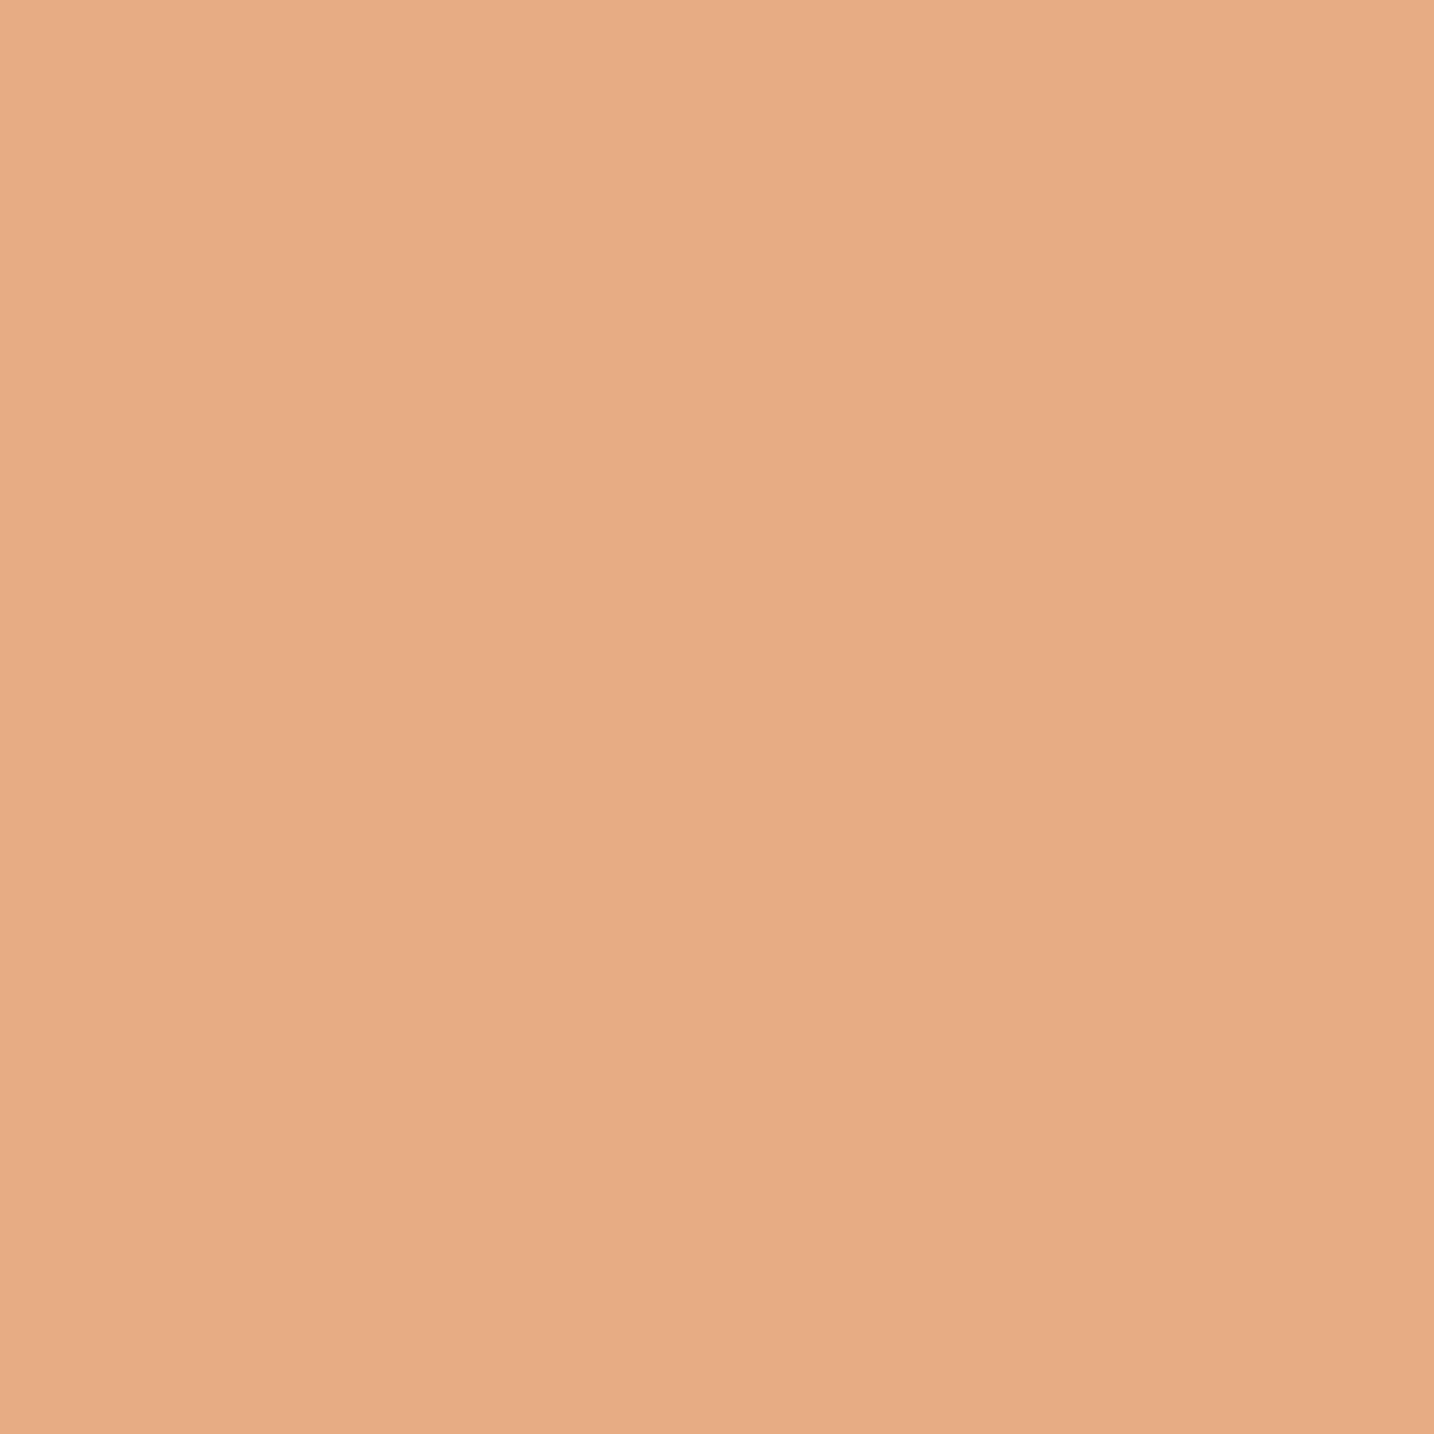 無能追記制限SANMIMORE(サンミモレ化粧品) UVパクト 56号ライトピンク (レフィル 替パフ付)